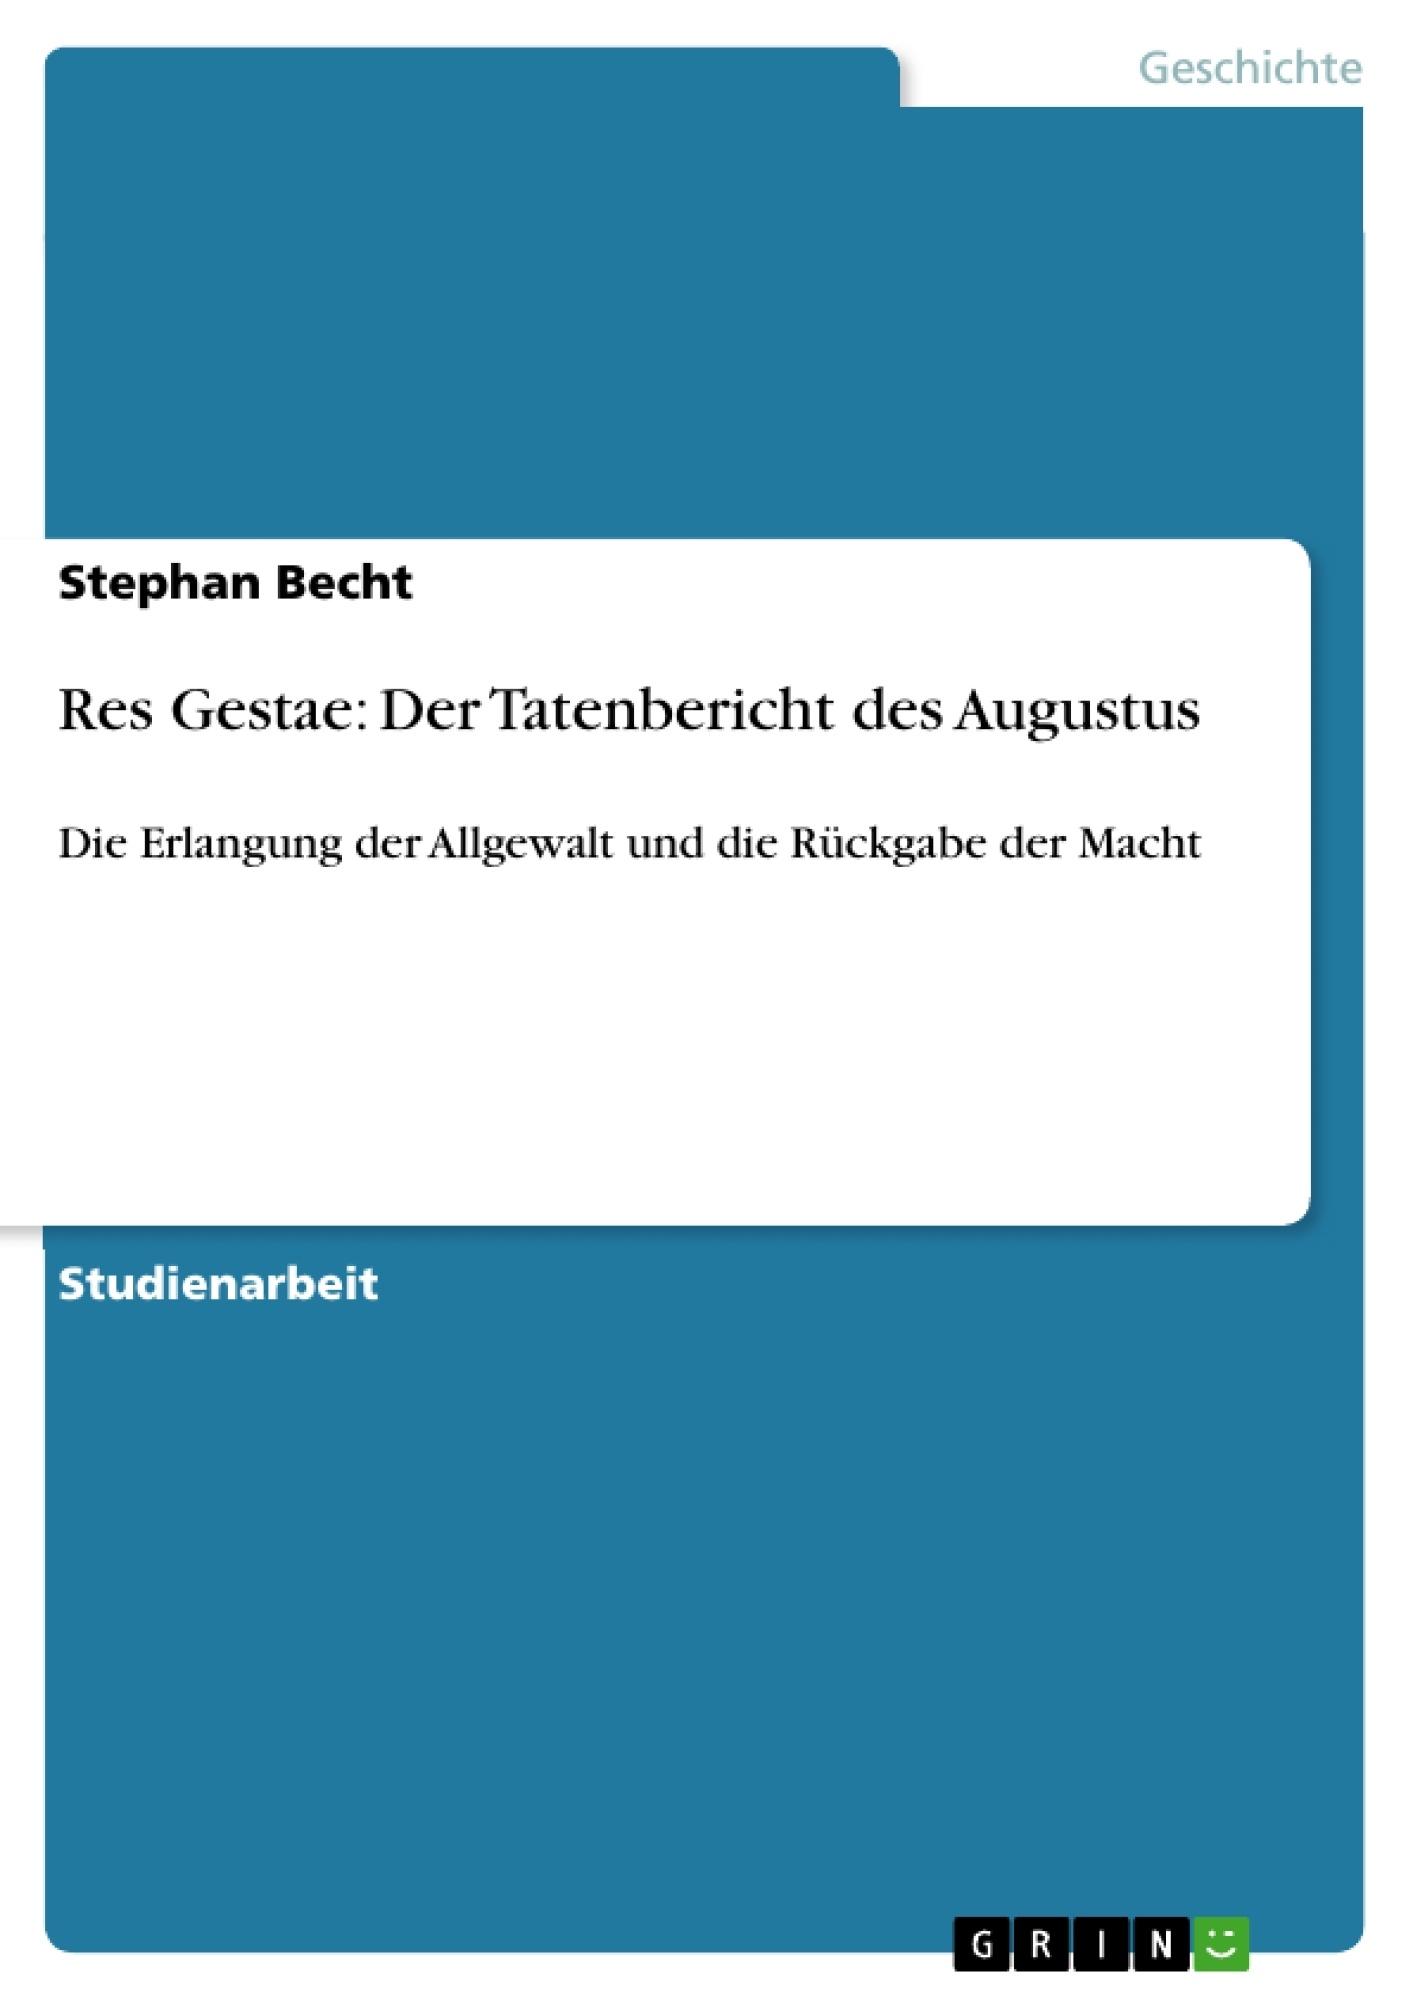 Titel: Res Gestae: Der Tatenbericht des Augustus